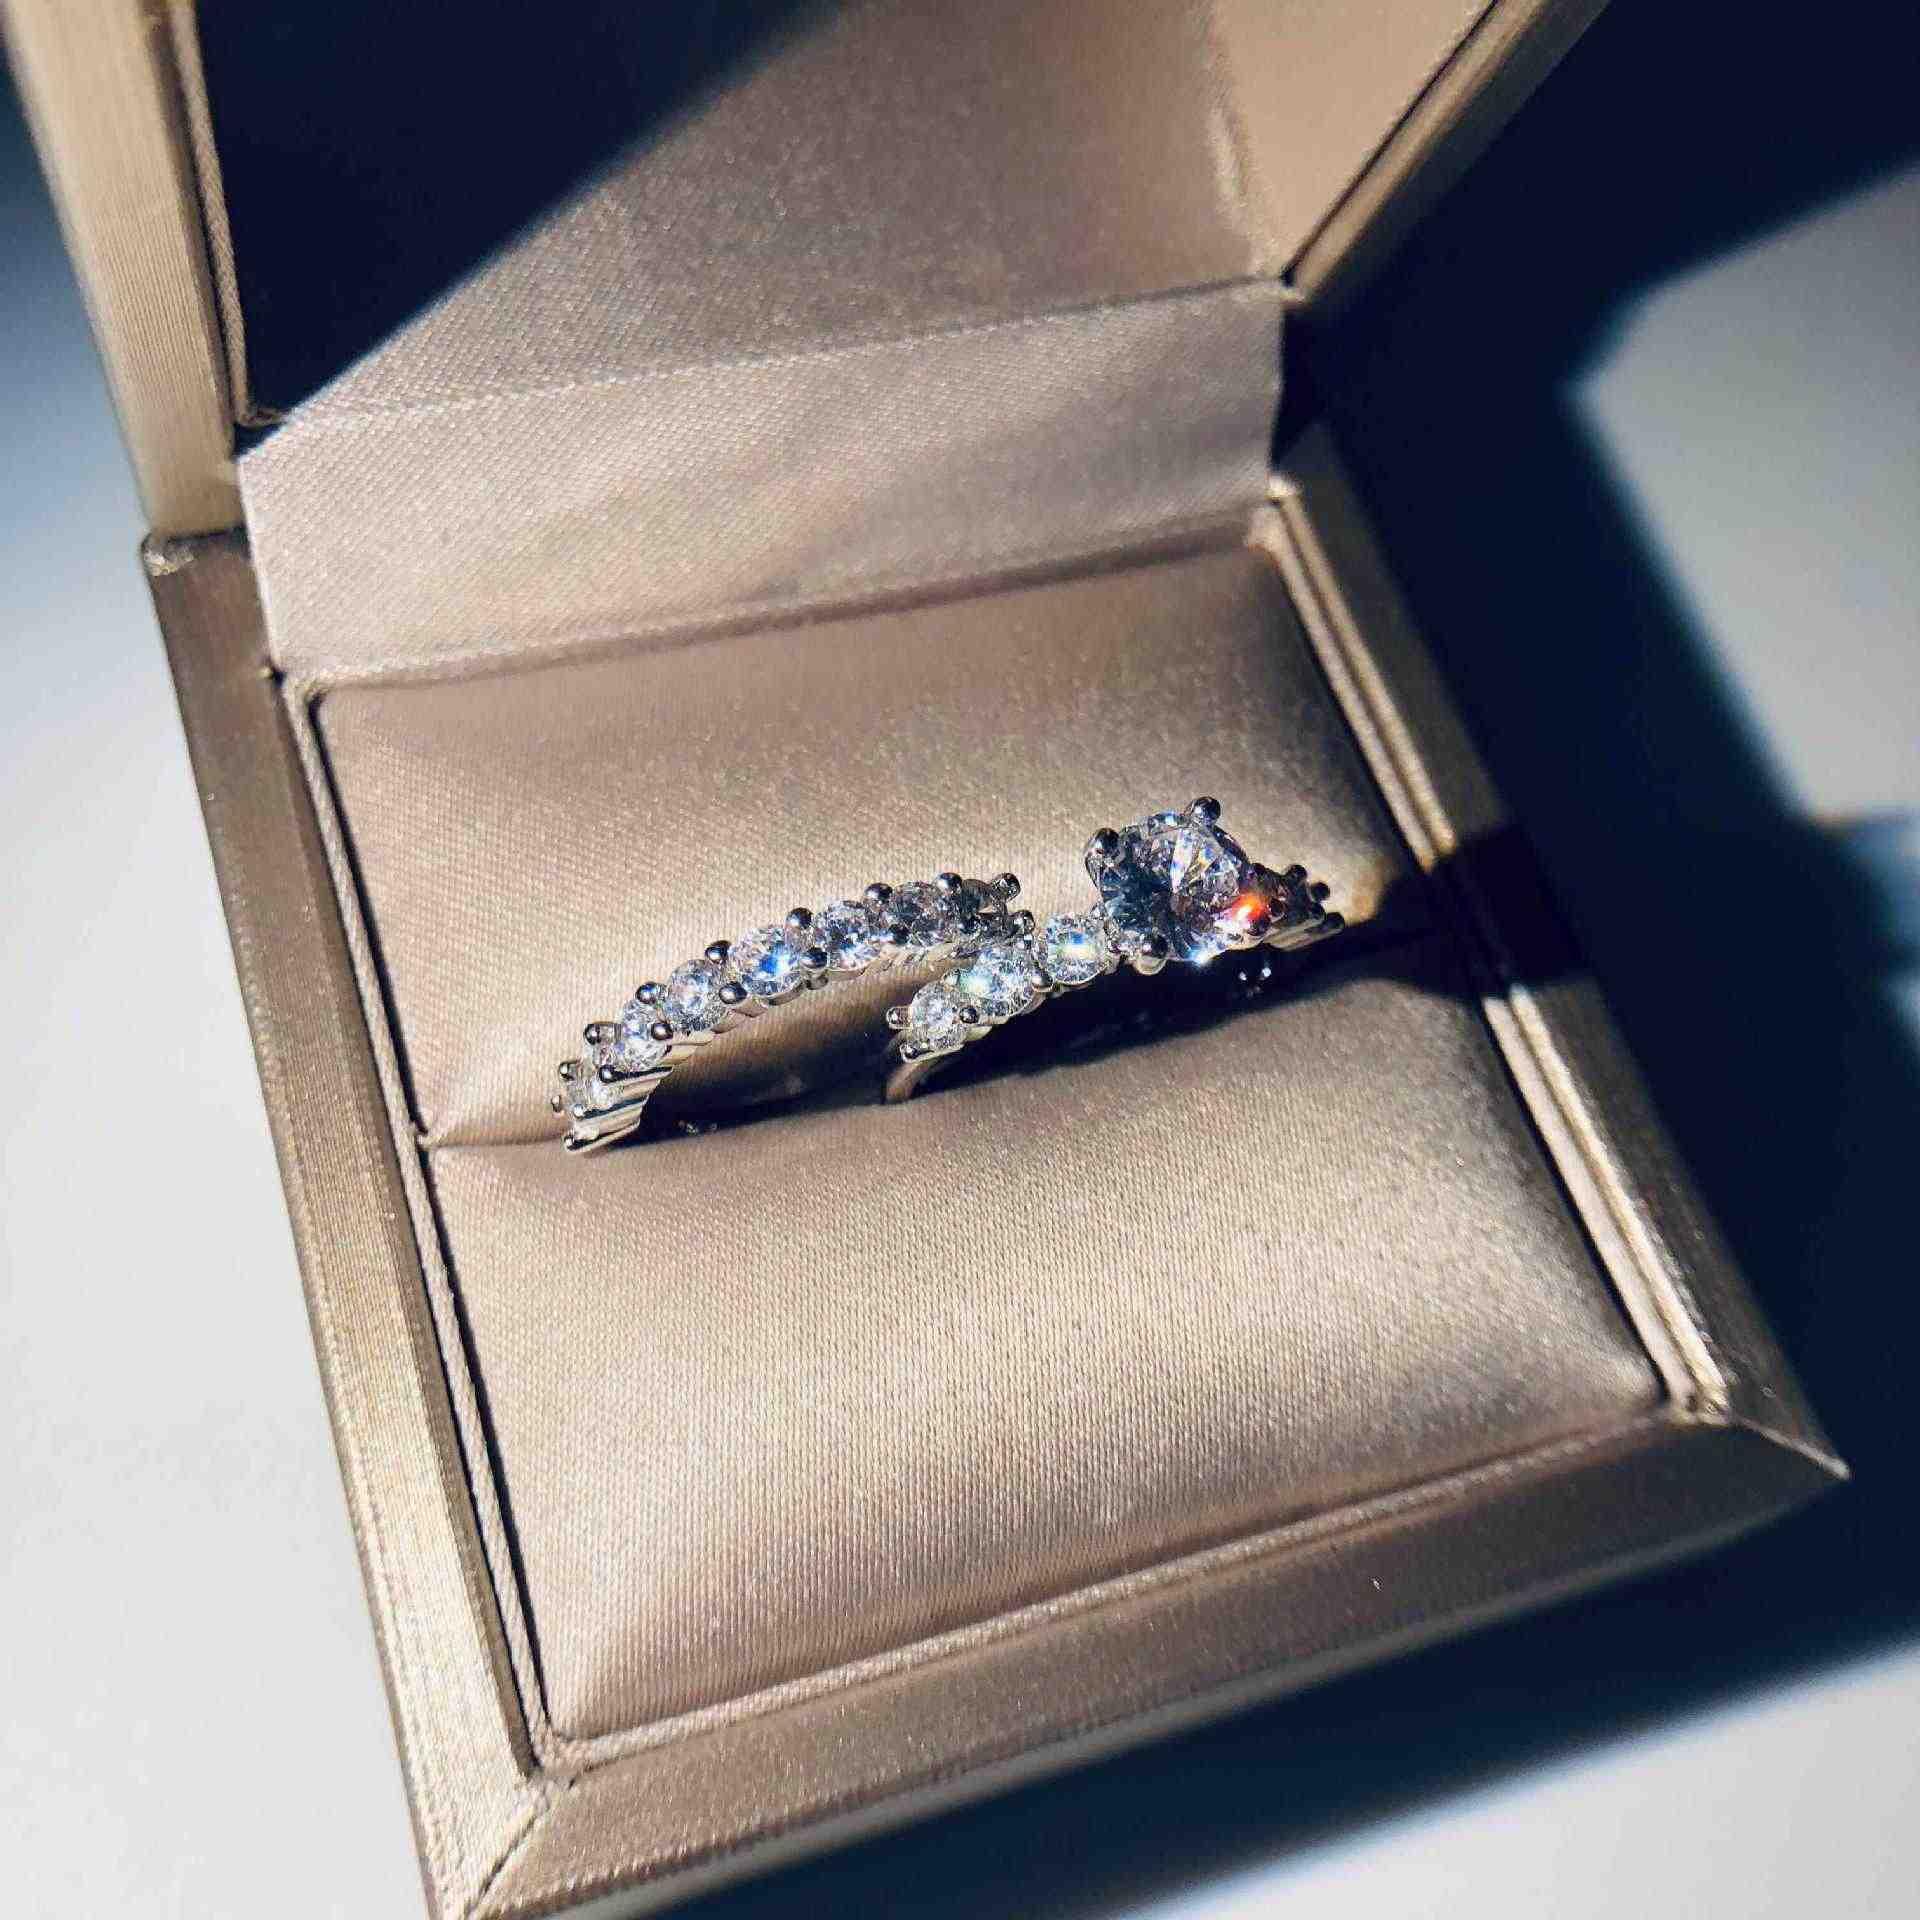 2/PCS ขายร้อนแหวน,ชุดแหวน, ยอดนิยมฝังแหวนแฟชั่นในยุโรปและอเมริกาแหวนชุดเครื่องประดับ